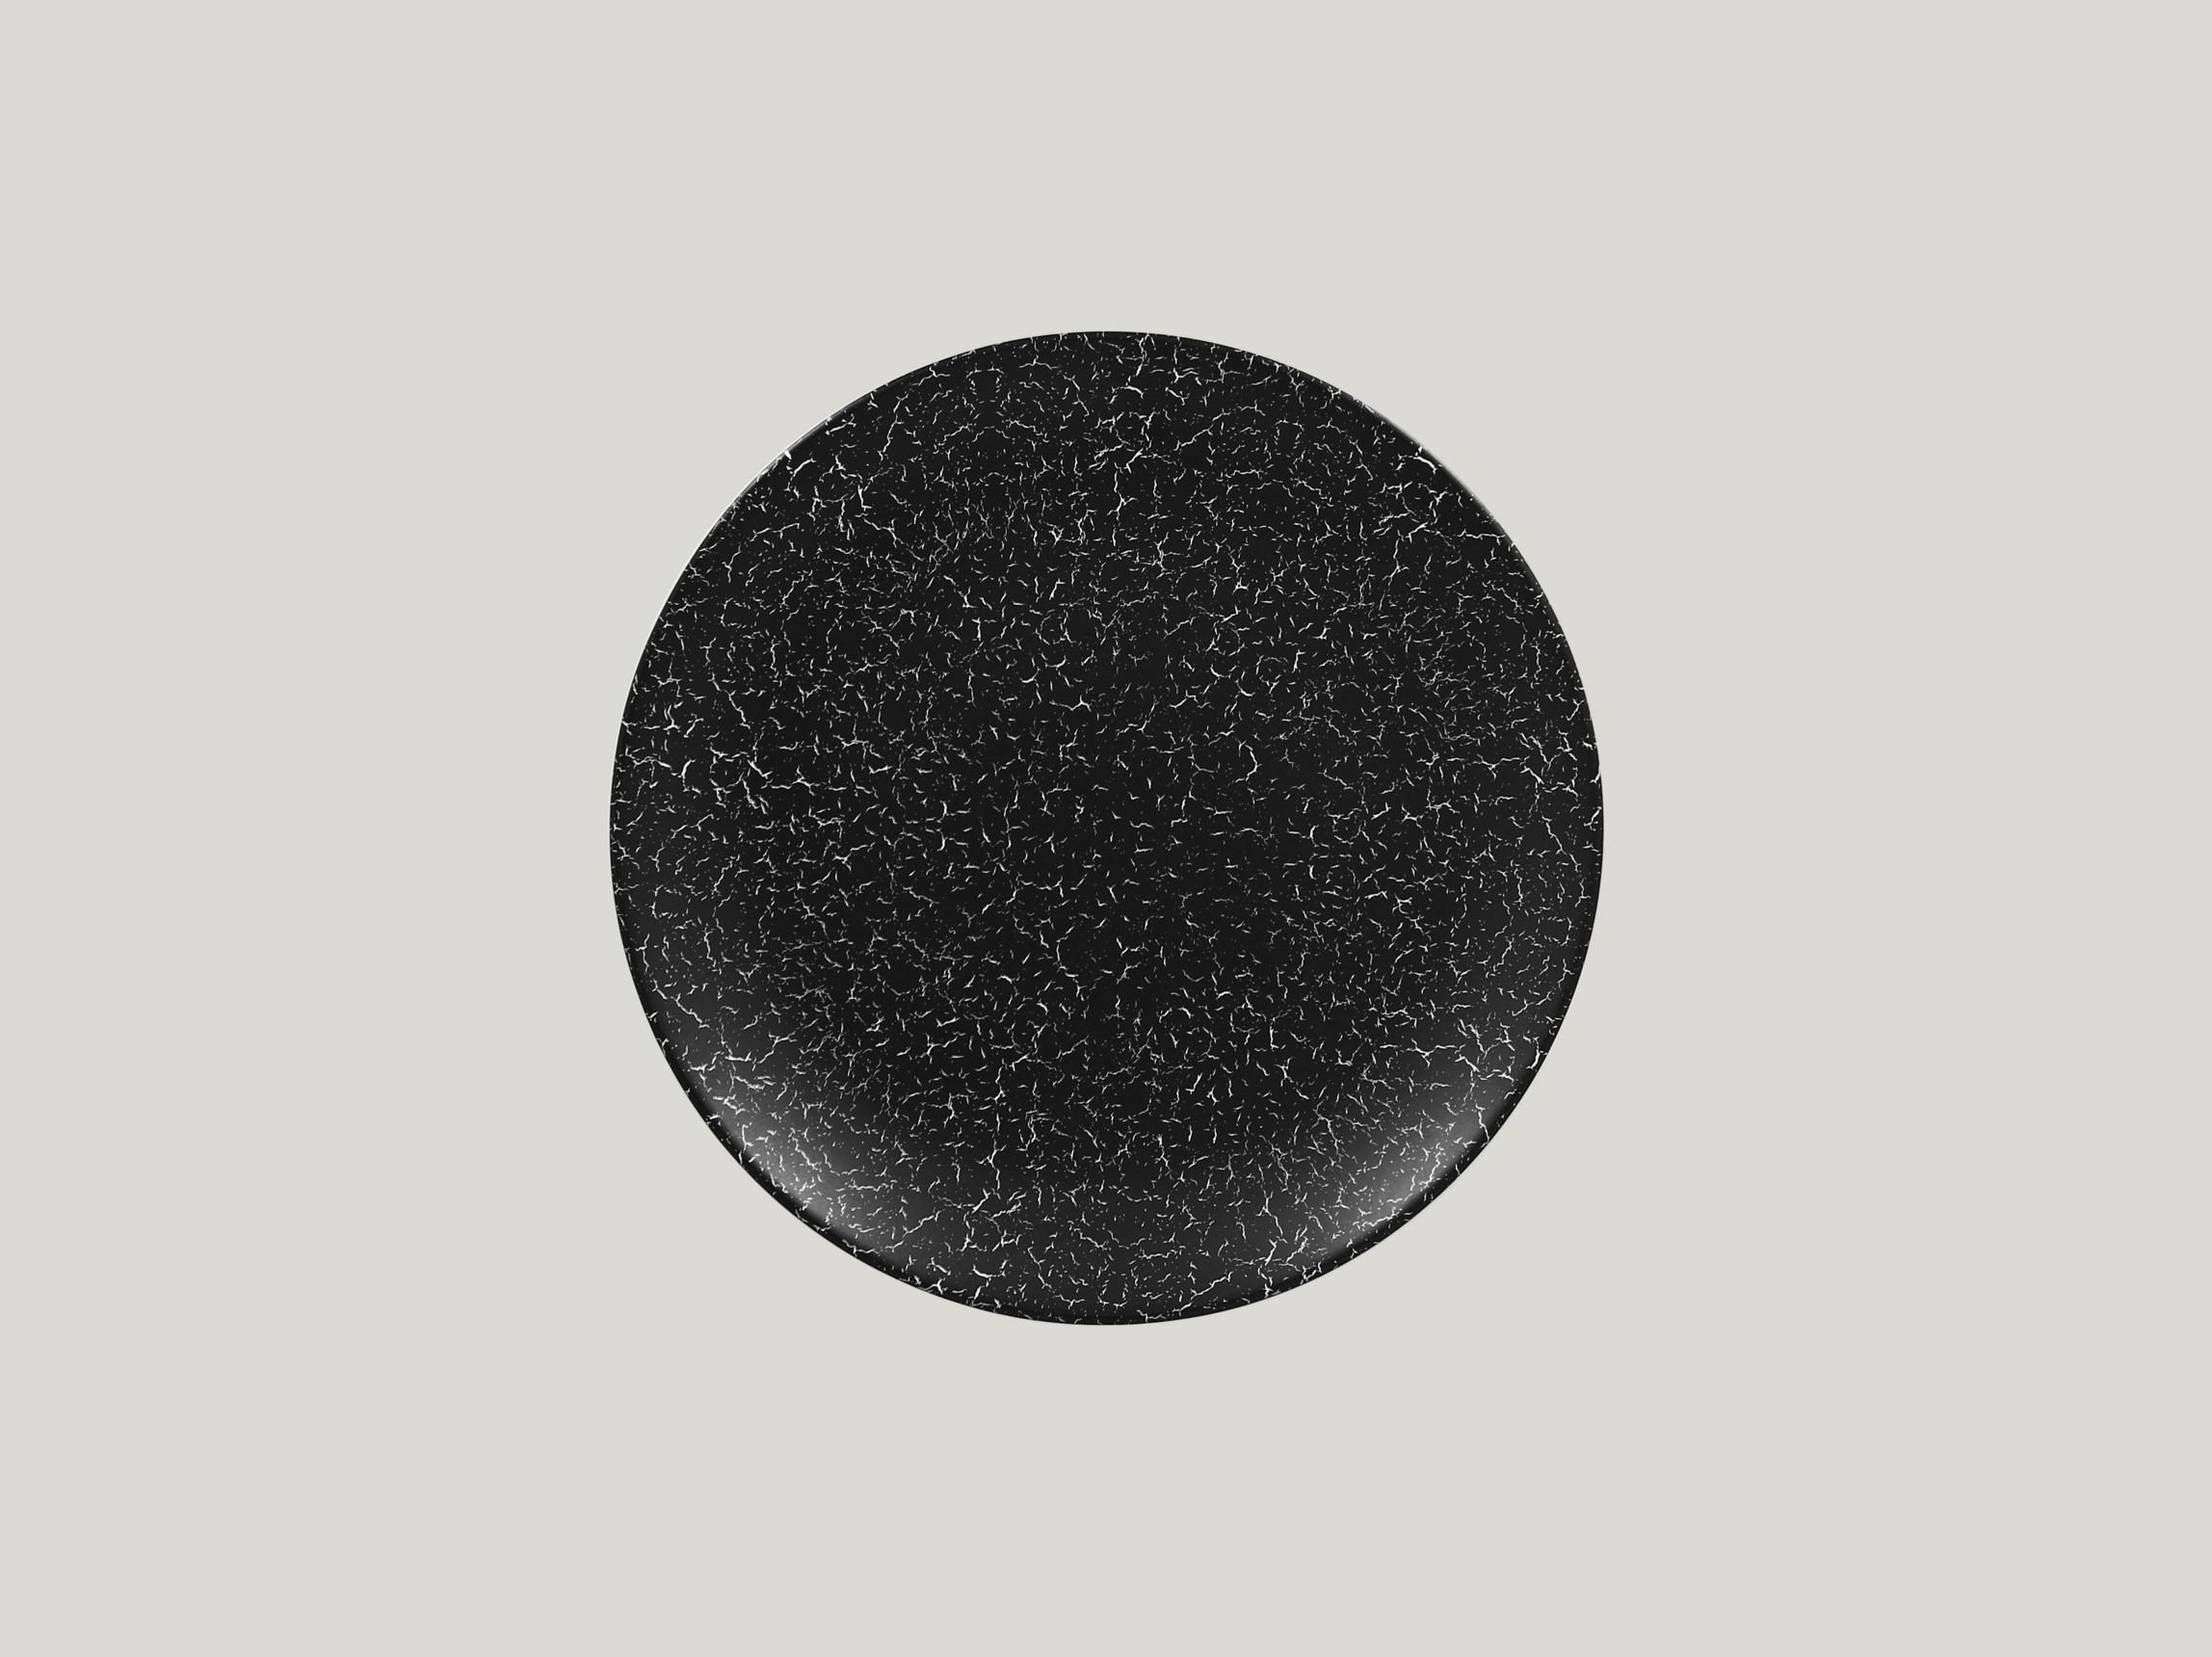 Talíř mělký 24 cm - černá